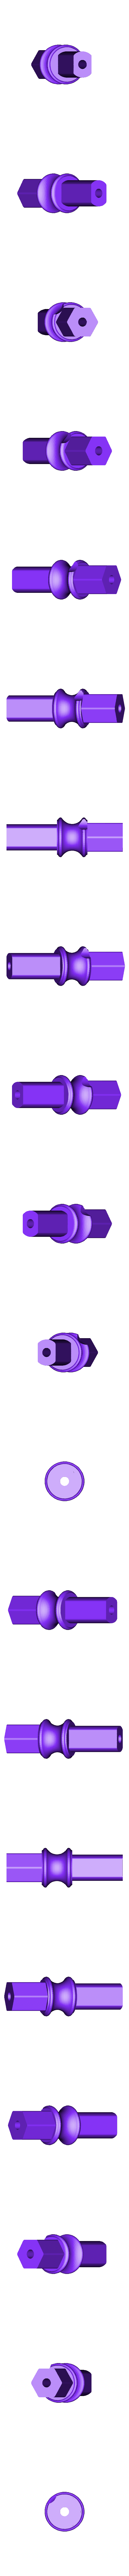 Shaft1.stl Télécharger fichier STL gratuit Remix du support de roulement IQBX • Modèle à imprimer en 3D, SiberK